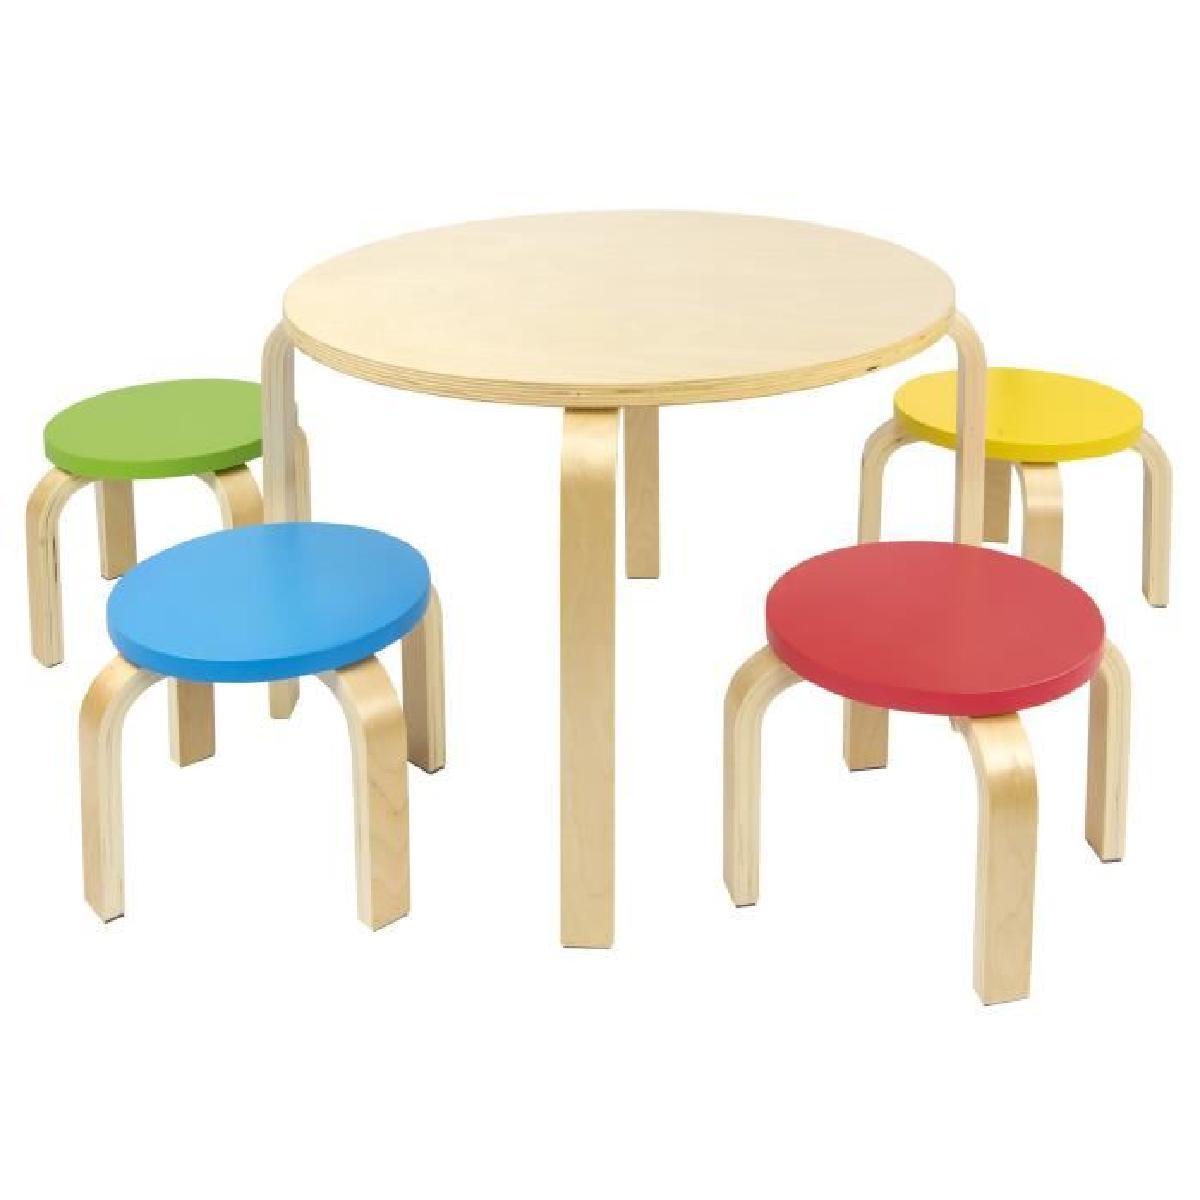 Table chaise enfant pas cher pi ti li - Chaise de table bebe pas cher ...